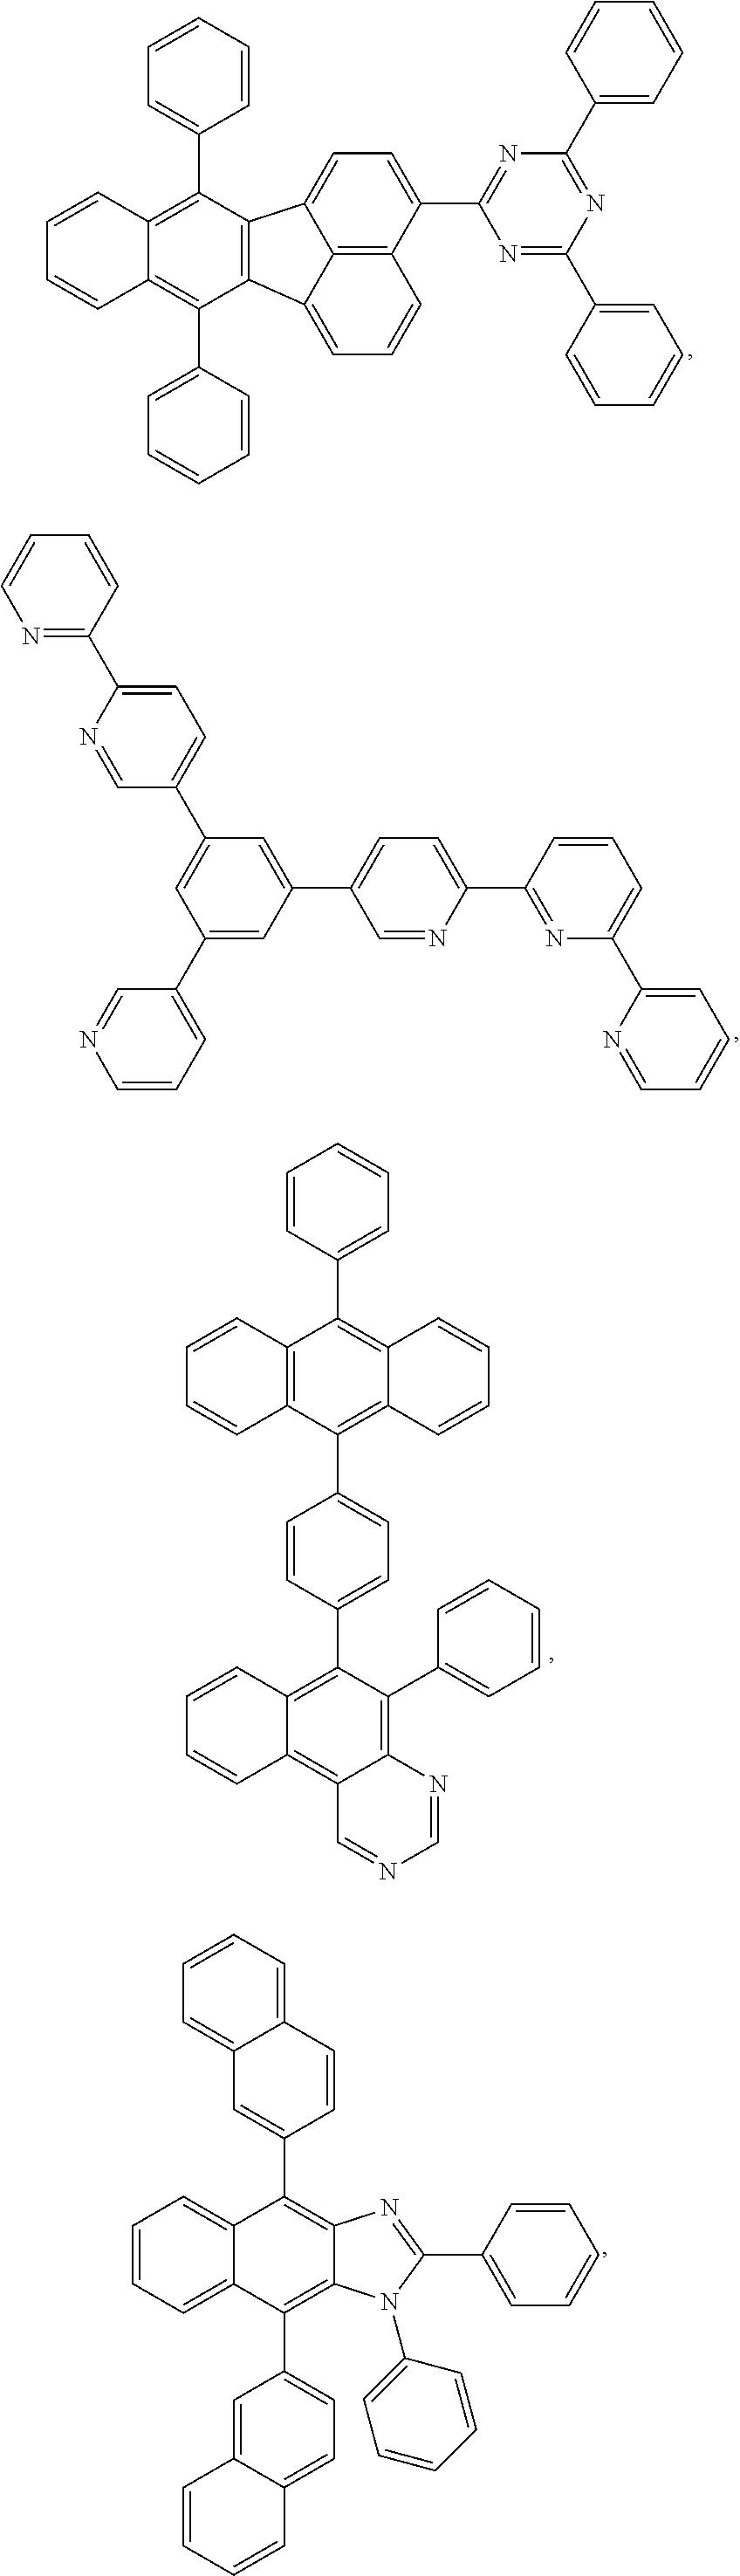 Figure US10144867-20181204-C00114